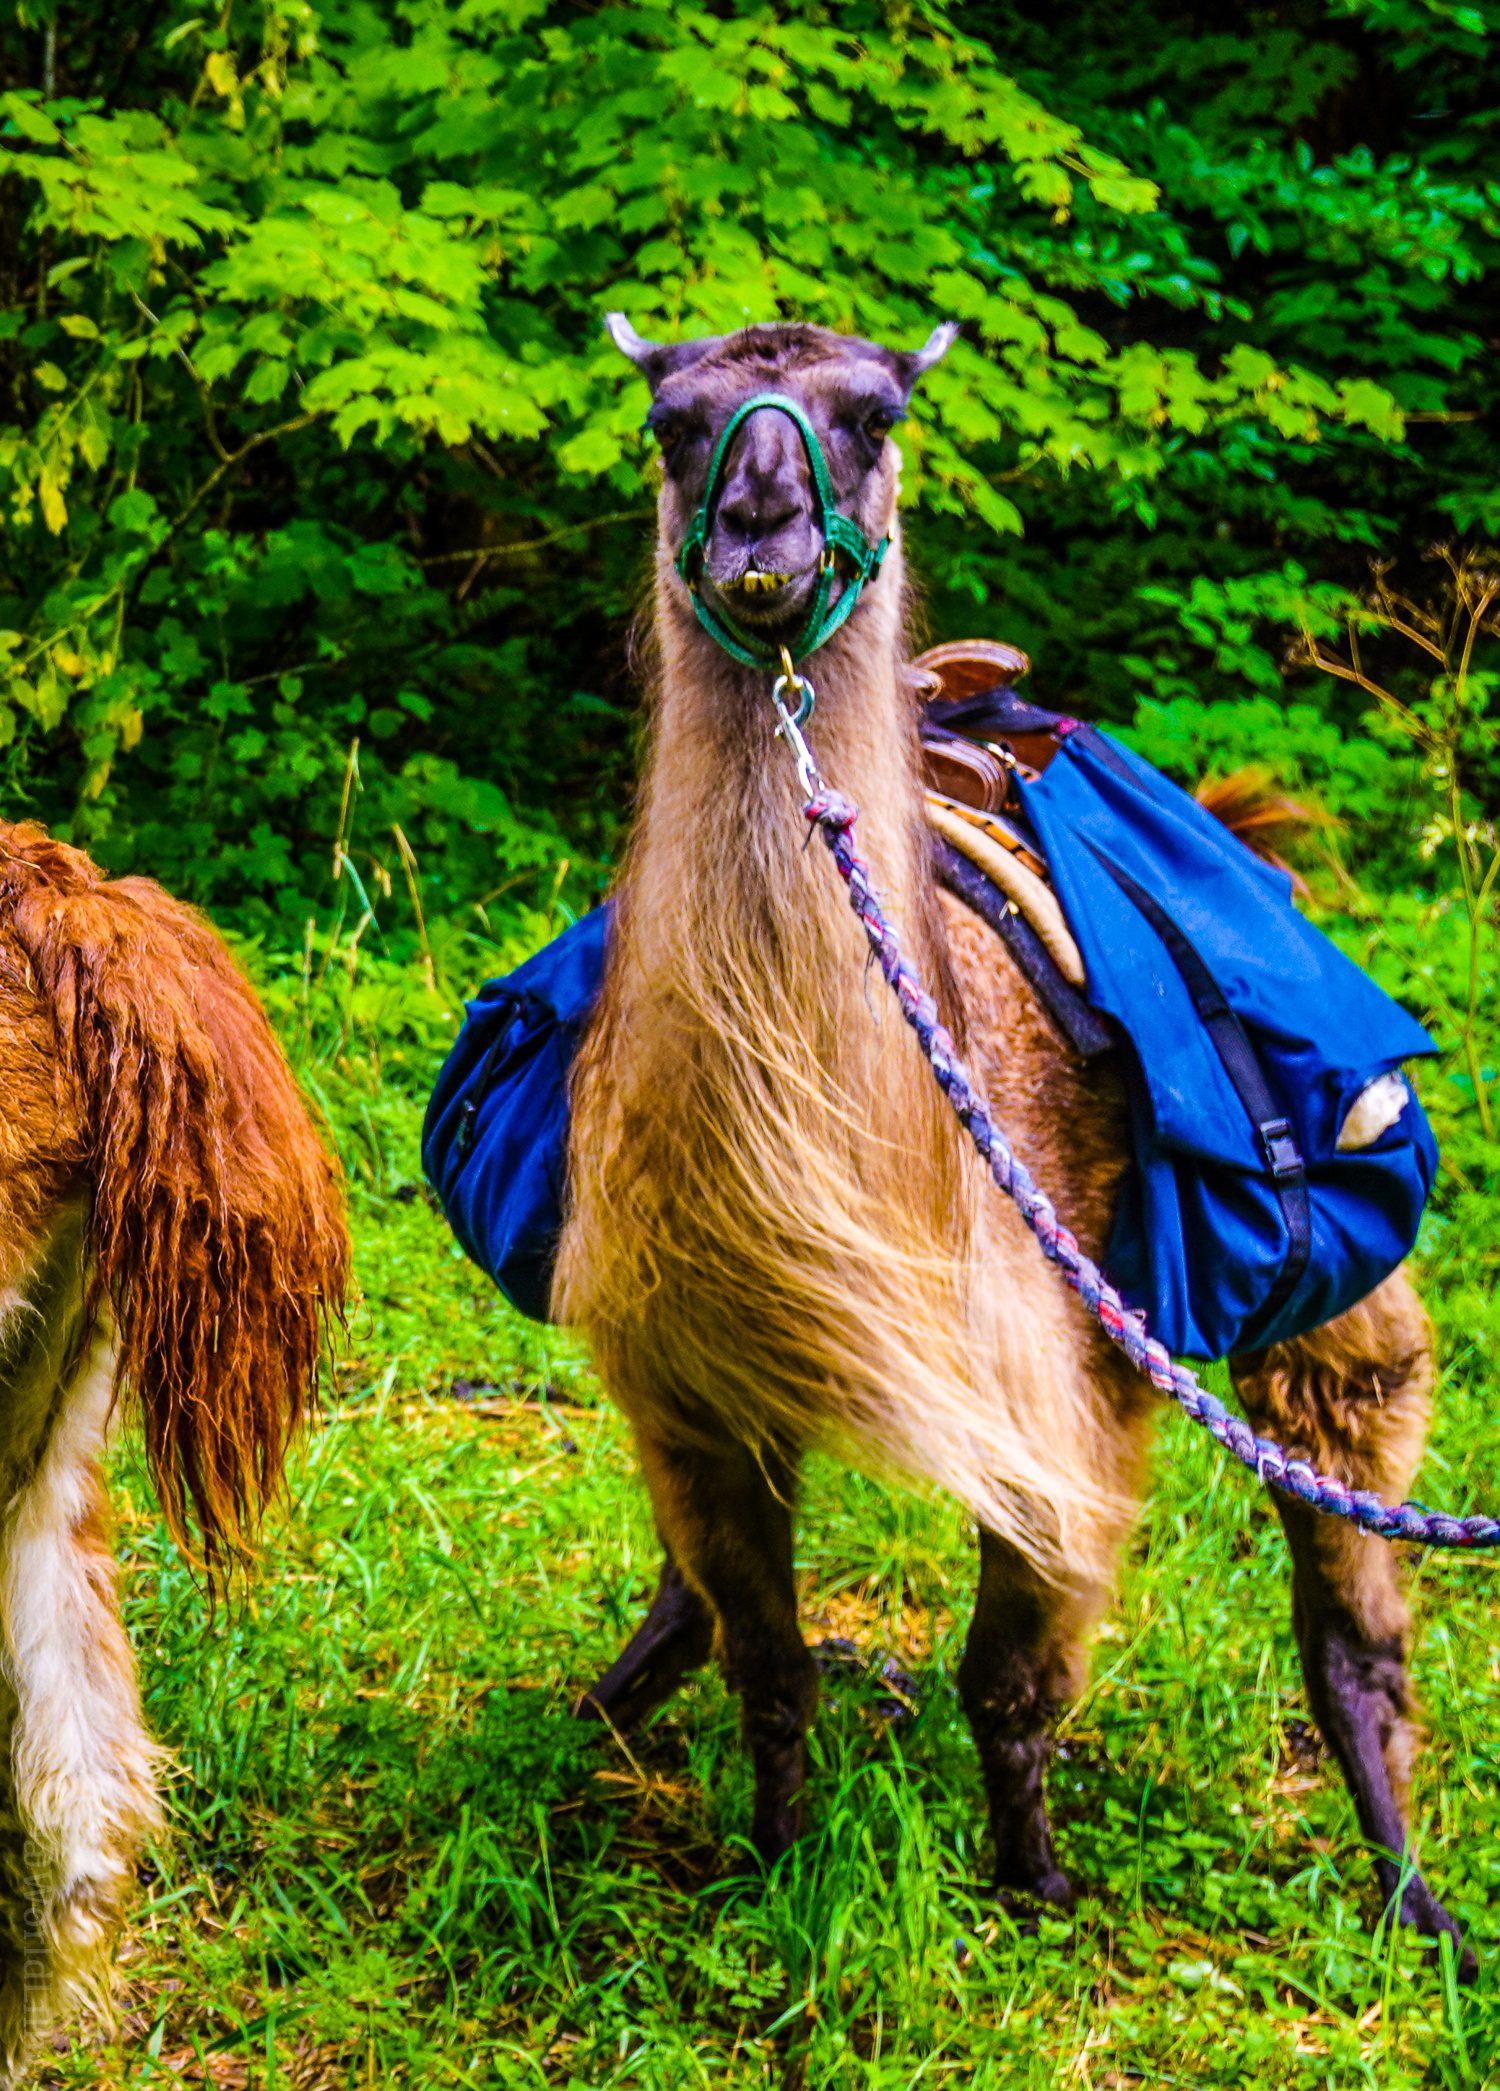 Hilarious llama